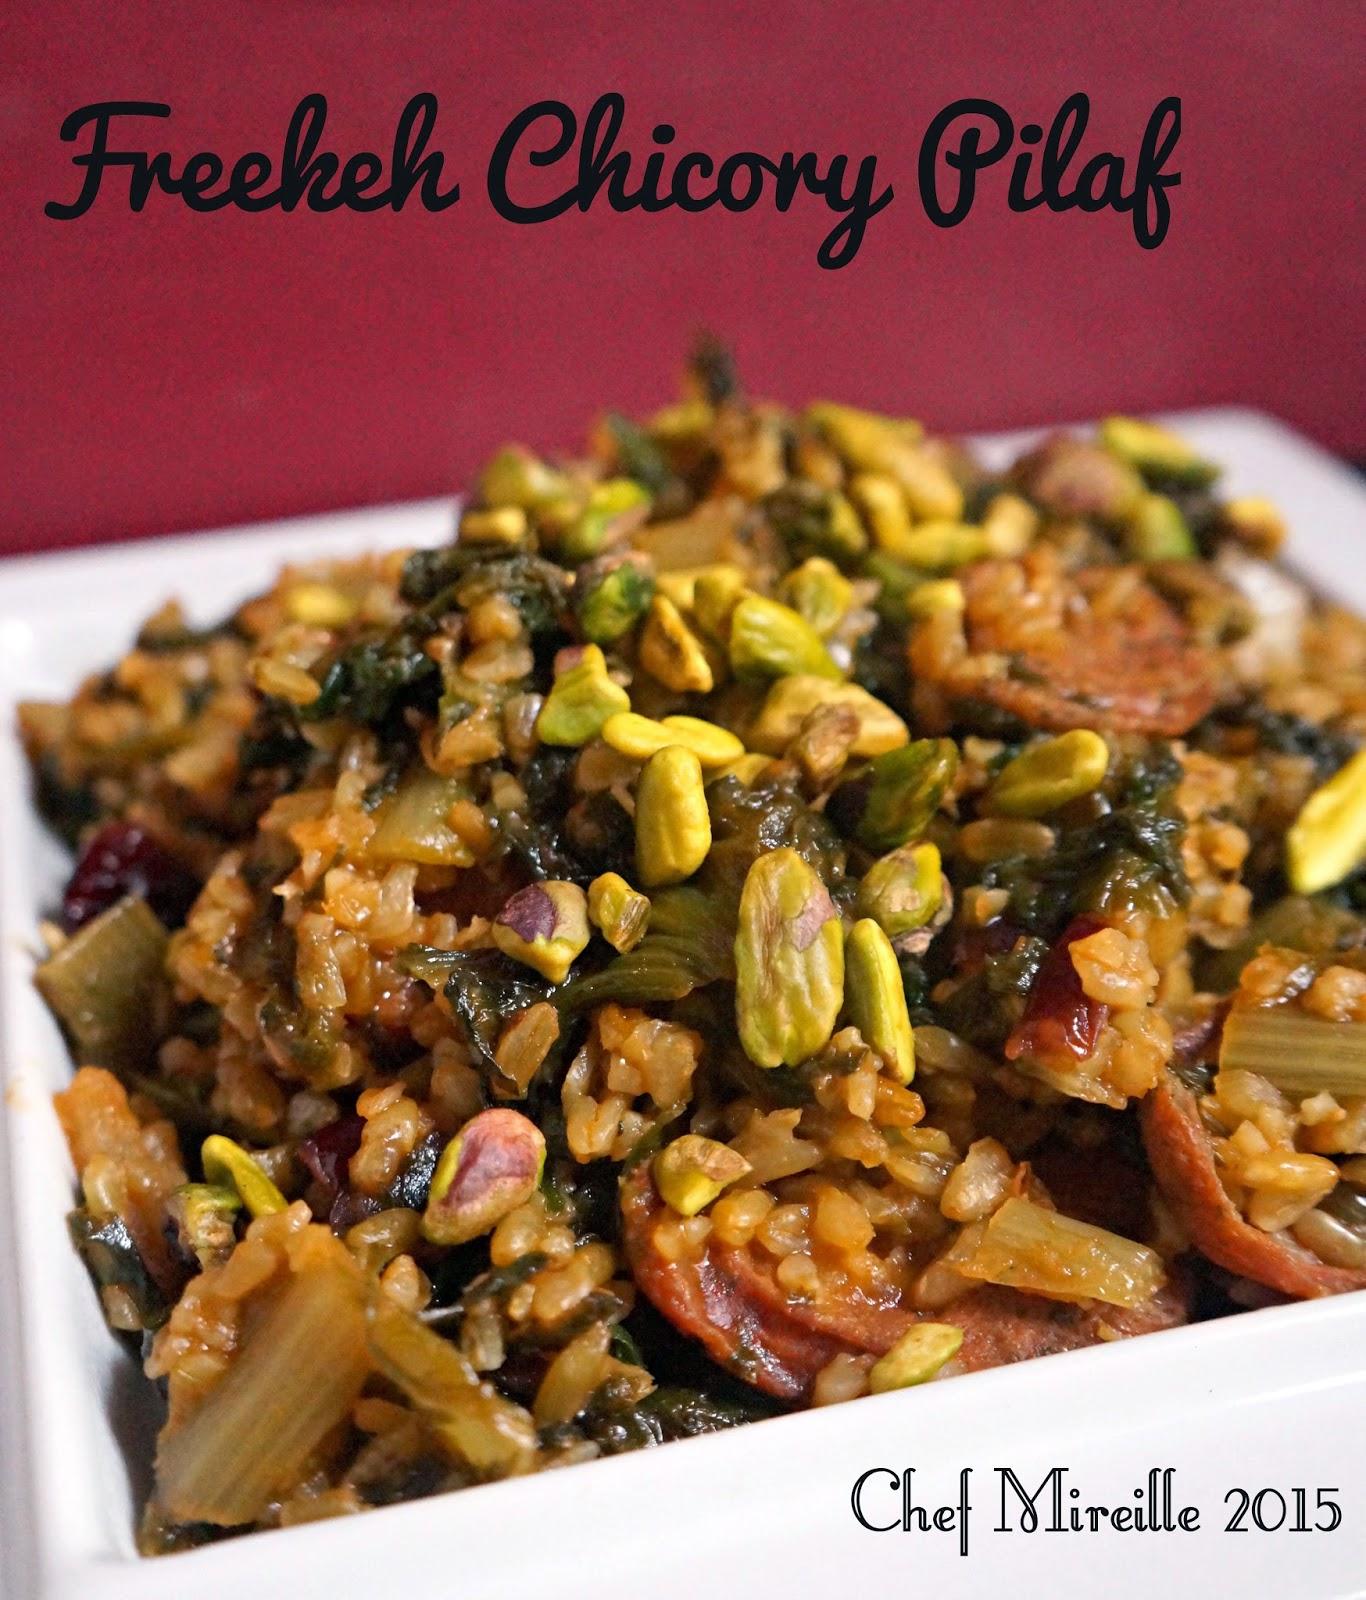 Freekeh Chicory Pilaf